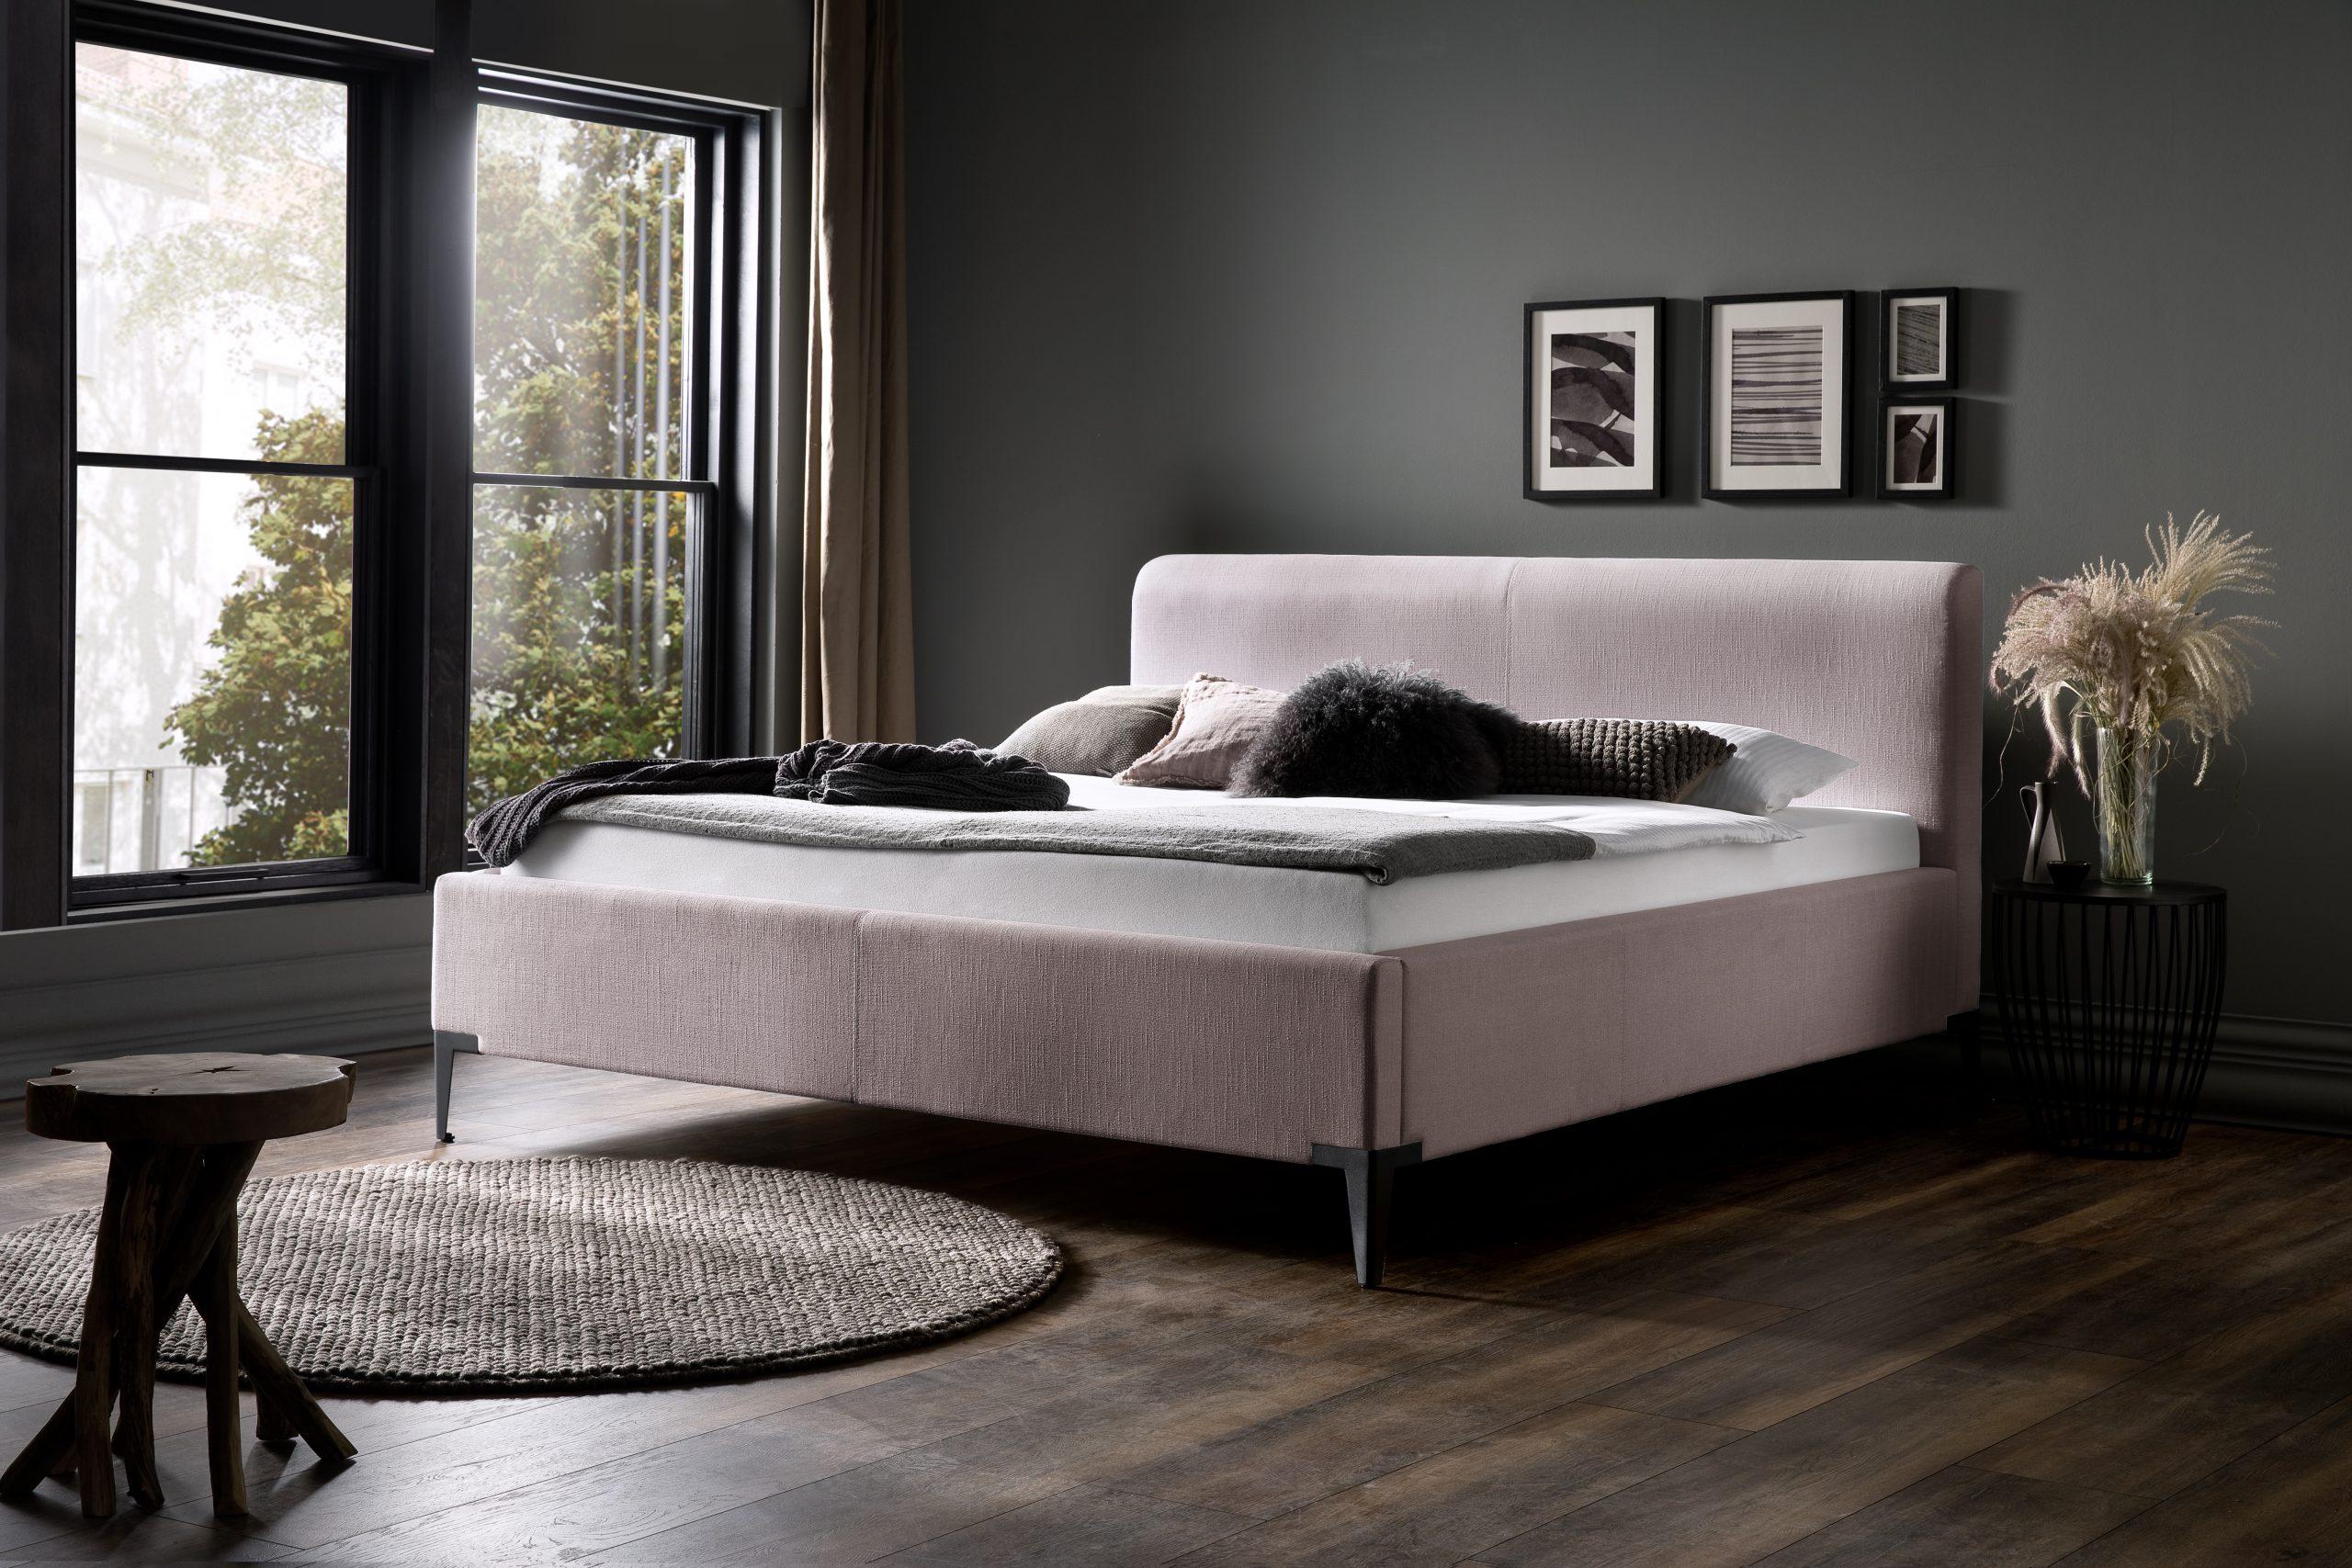 Full Size of Bett Modern 180x200 Betten Holz 140x200 Eiche Beyond Better Sleep Pillow Kaufen 120x200 Design Italienisches Puristisch Meisembel Wir Machen Das Vintage Runde Wohnzimmer Bett Modern